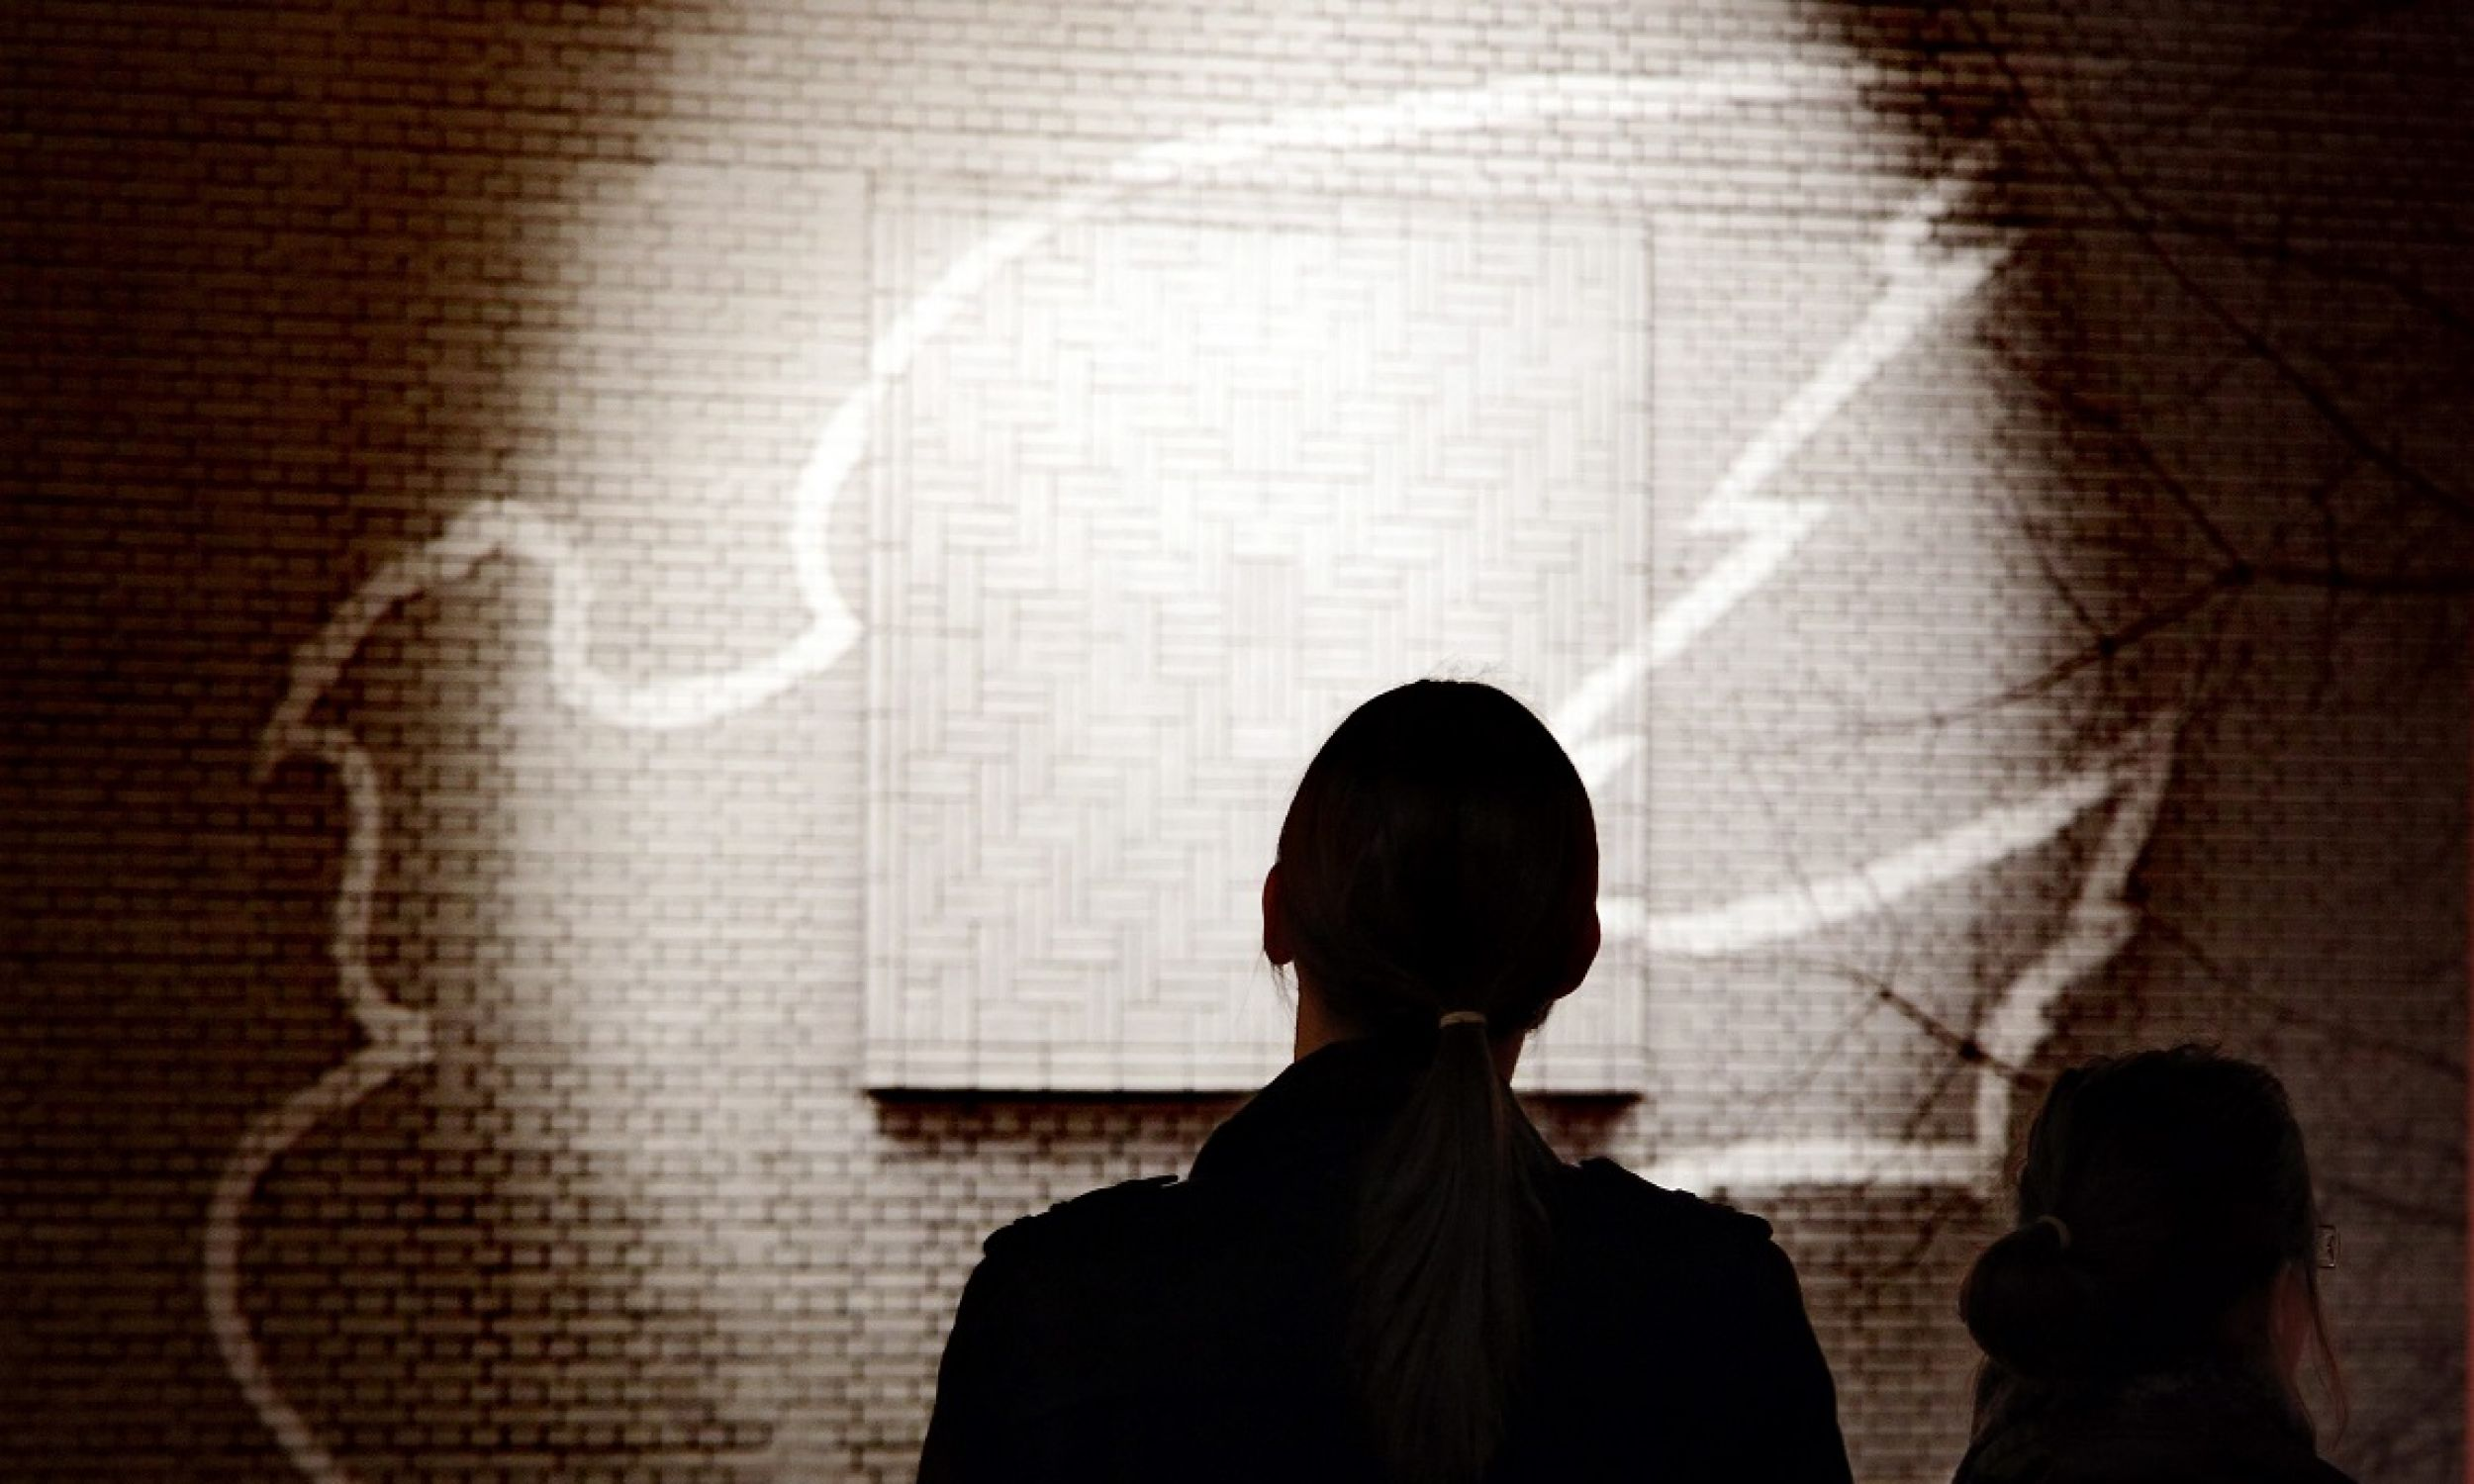 """Fotografia picassowskiego """"Gołąbka Pokoju"""" ze ściany Gmachu Technologii Chemicznej Politechniki Warszawskiej na wystawie """"Świat jest teatrem – Pablo Picasso & Piero Crommelynck na scenie świata"""